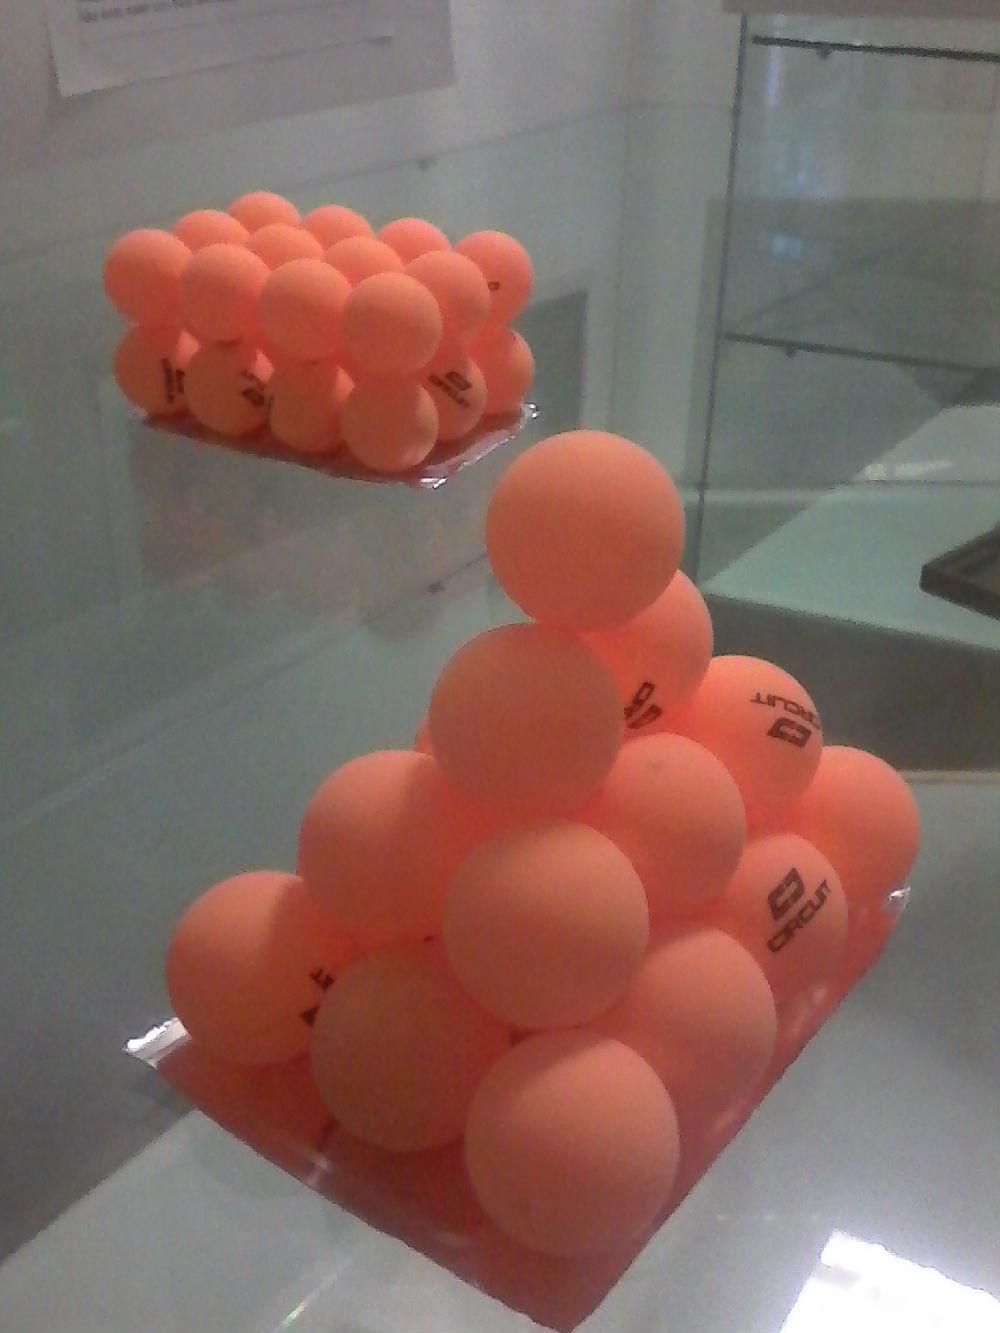 此图片摄于墨尔本大学数学系.jpg